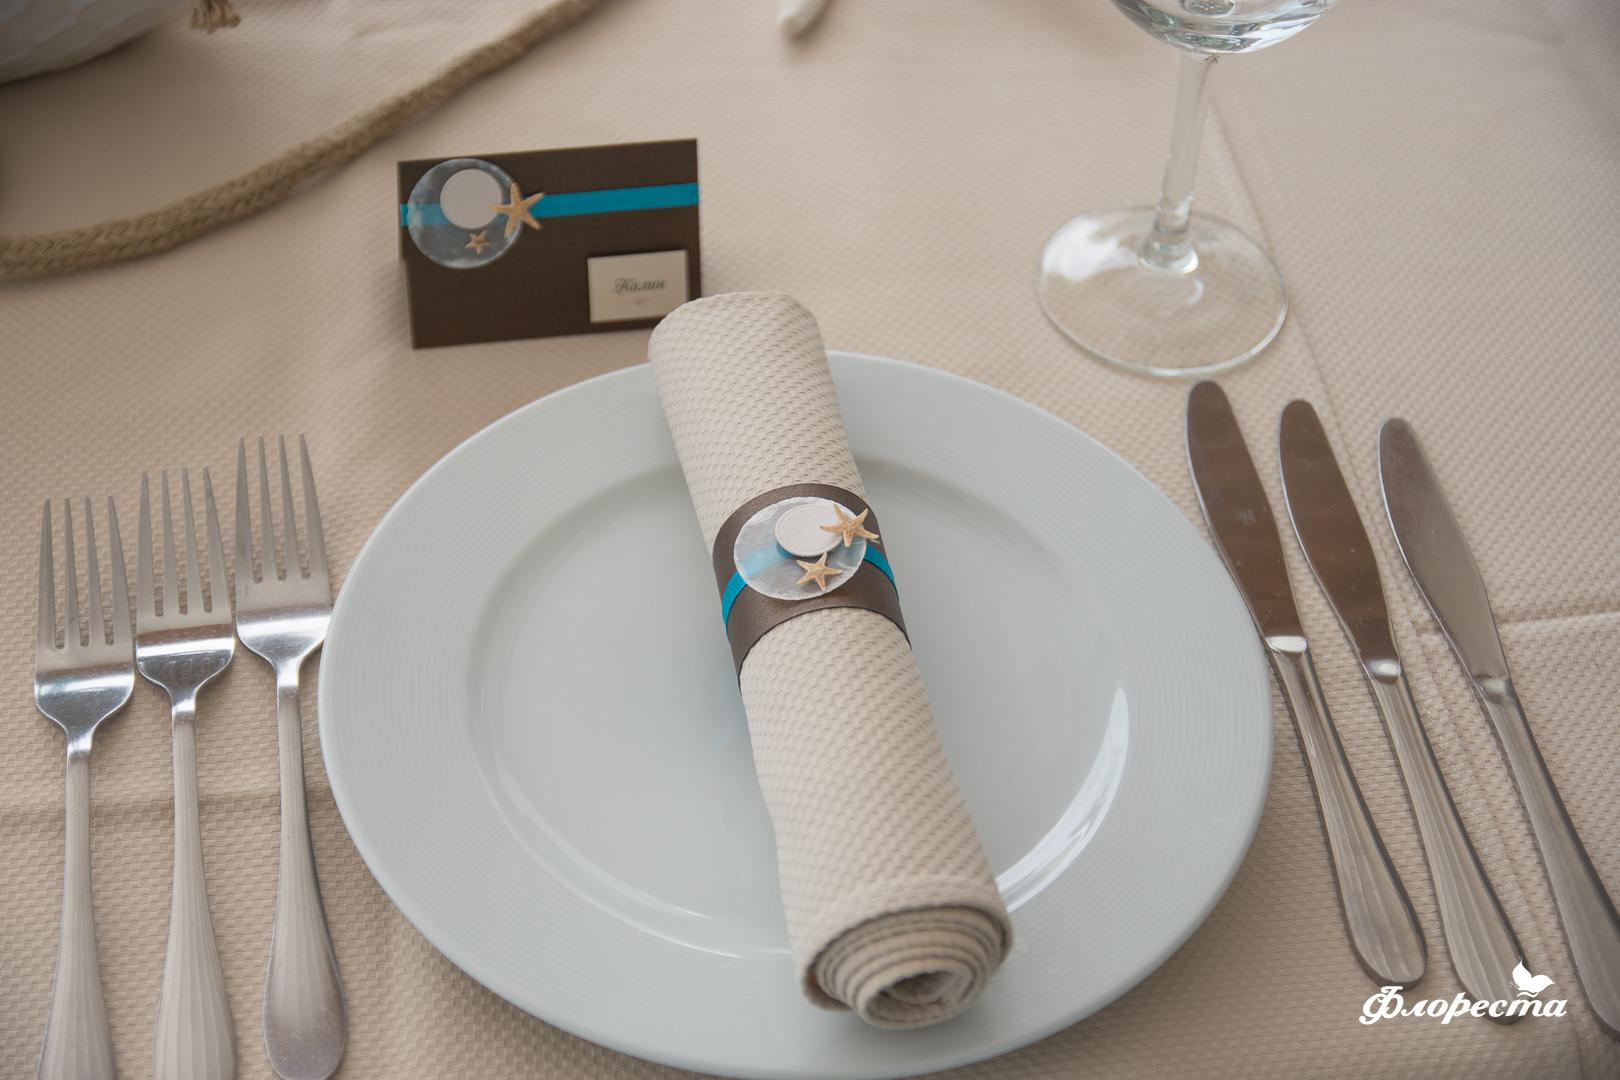 Ръчно изработени таблеки с имената на гостите